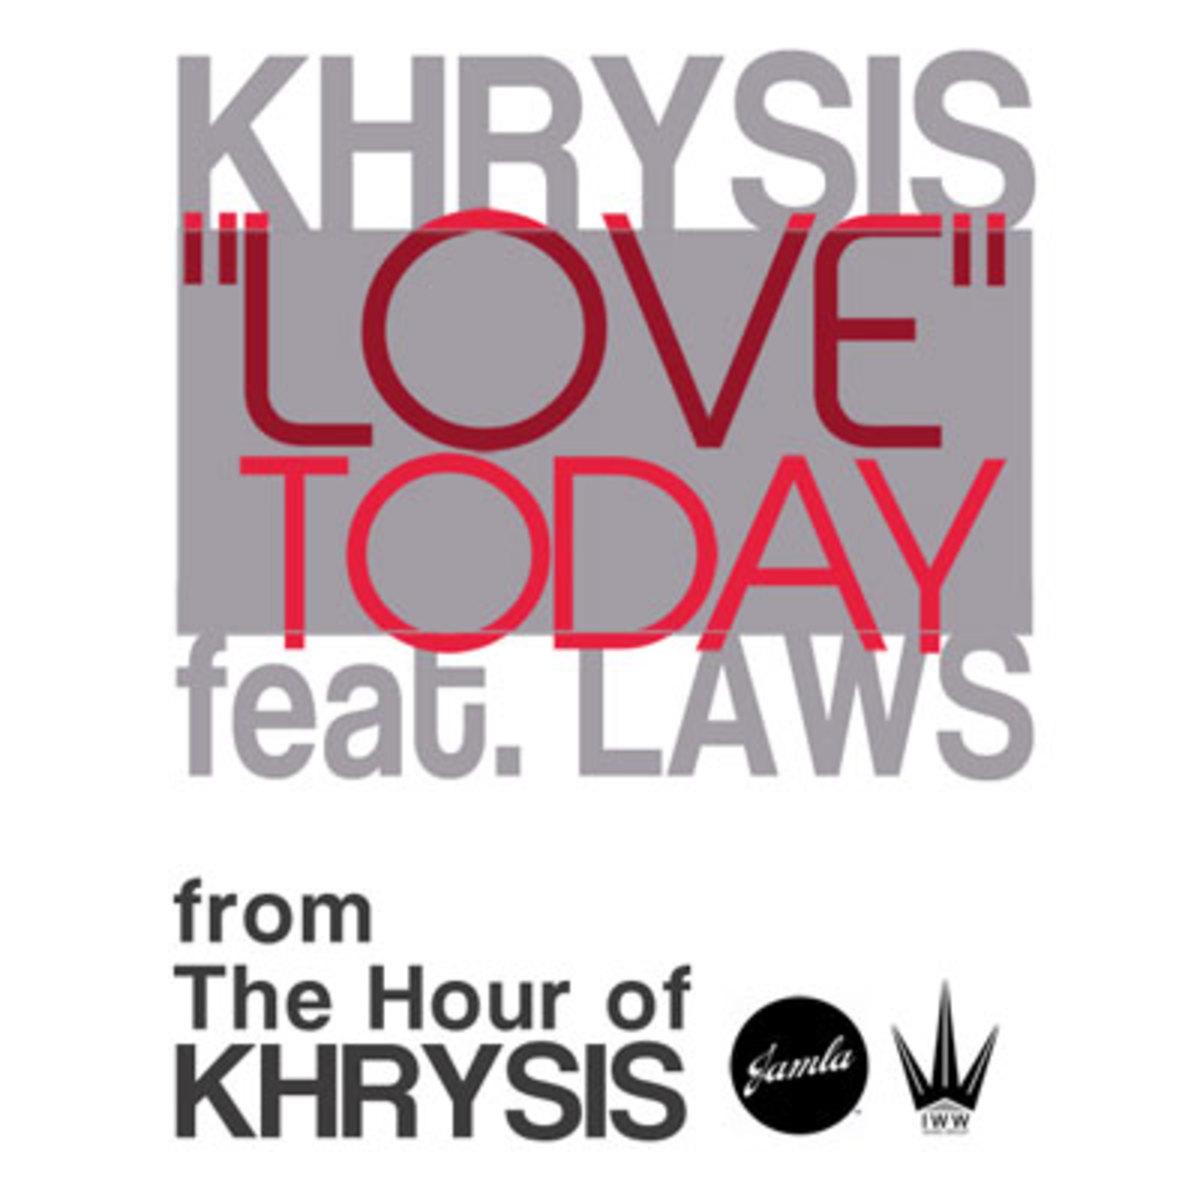 khrysis-lovetoday.jpg